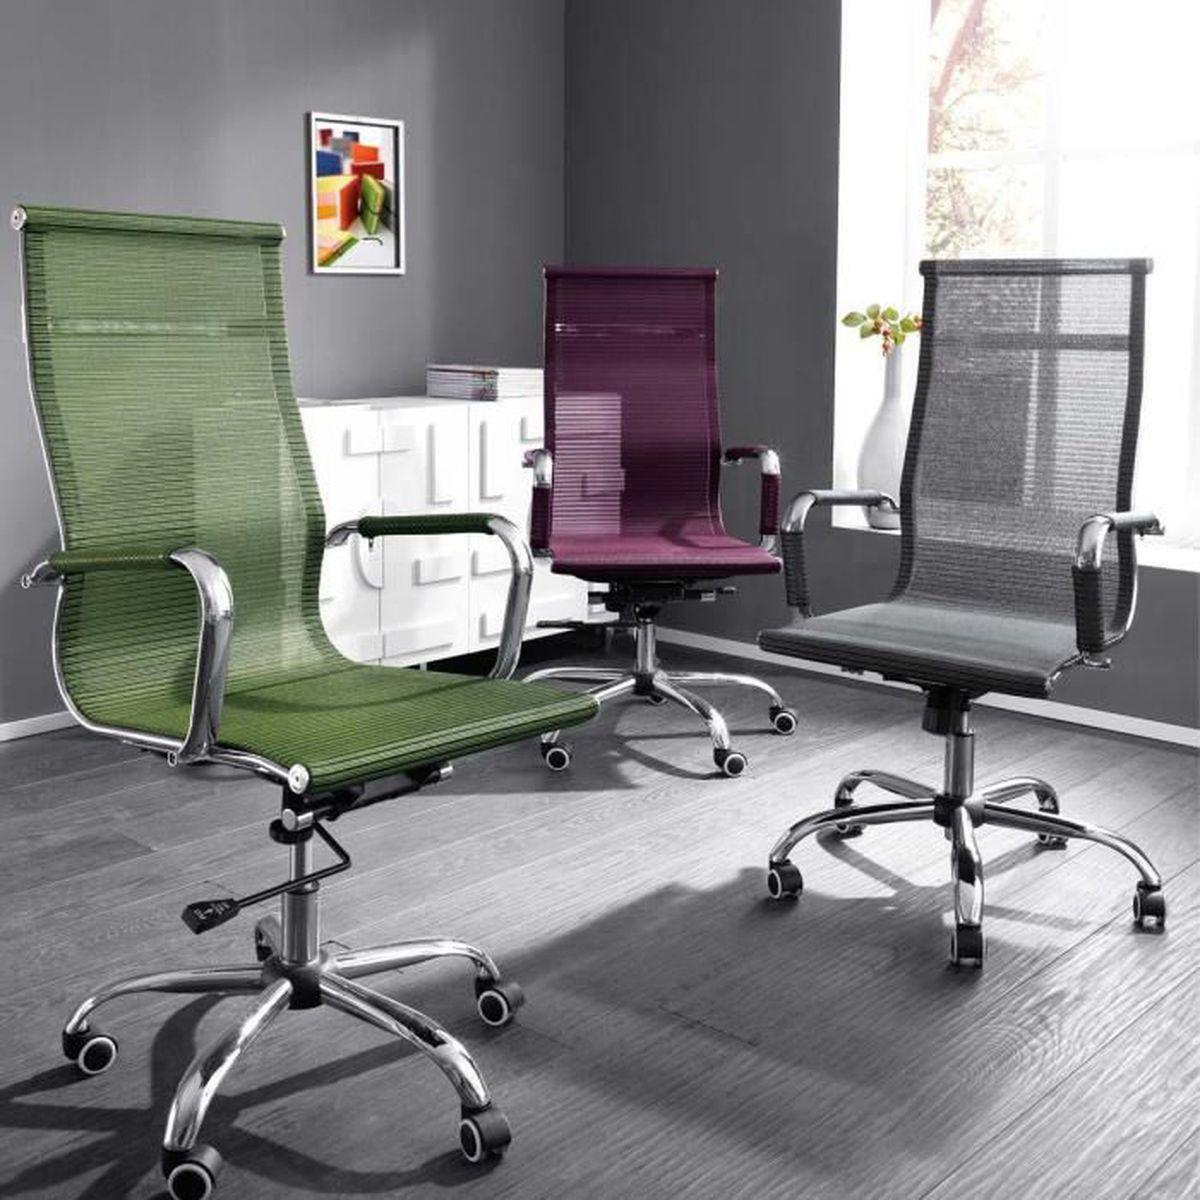 Chaise De Pureday Avec Revêtement Bureau lJ3T1cFK